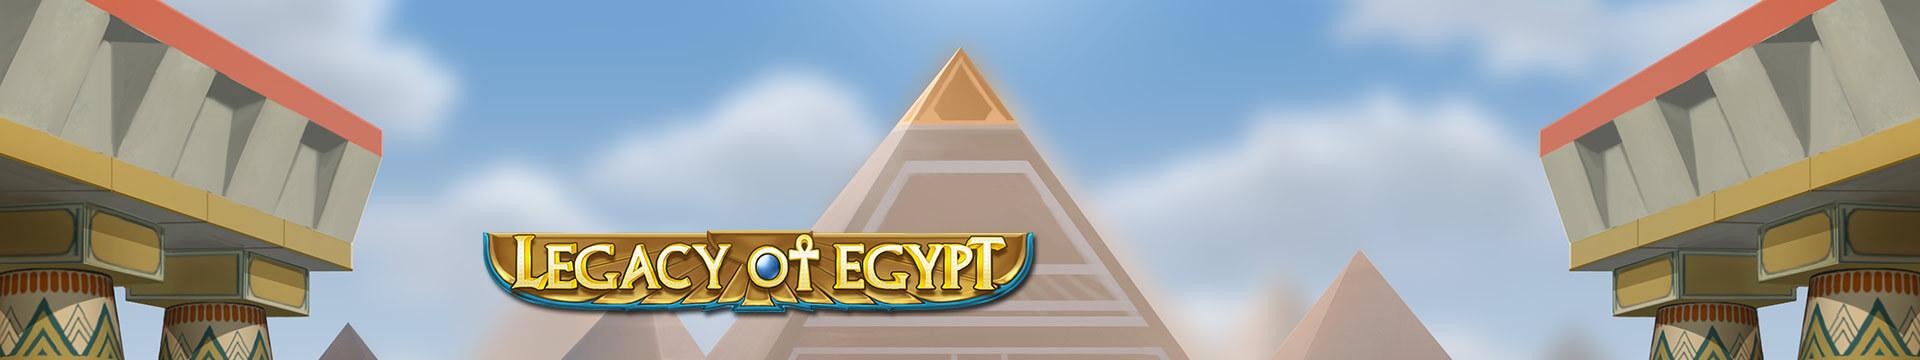 Slider Banner - Legacy of Egypt